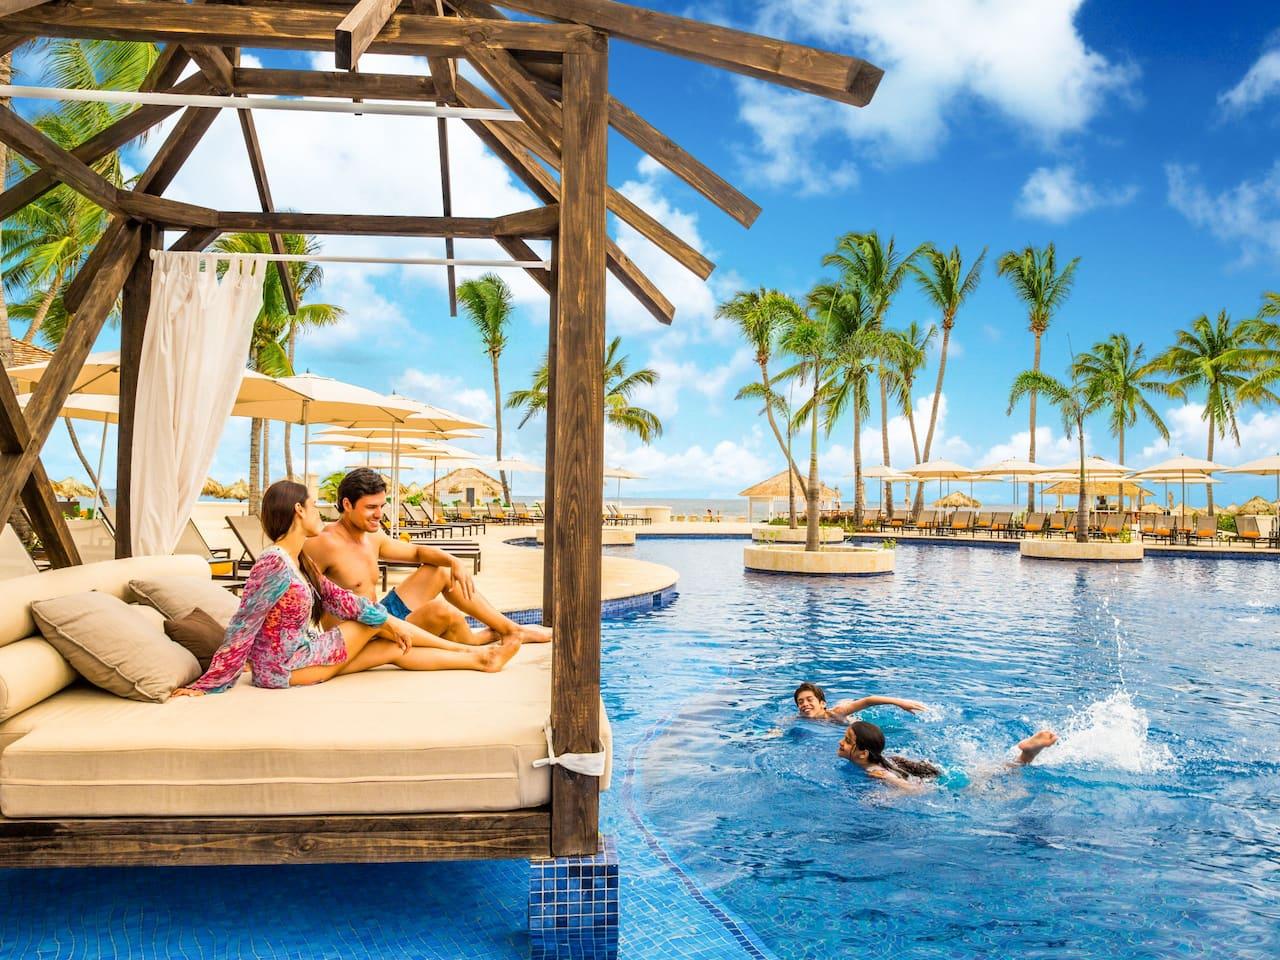 Family Enjoying Pool Cabana